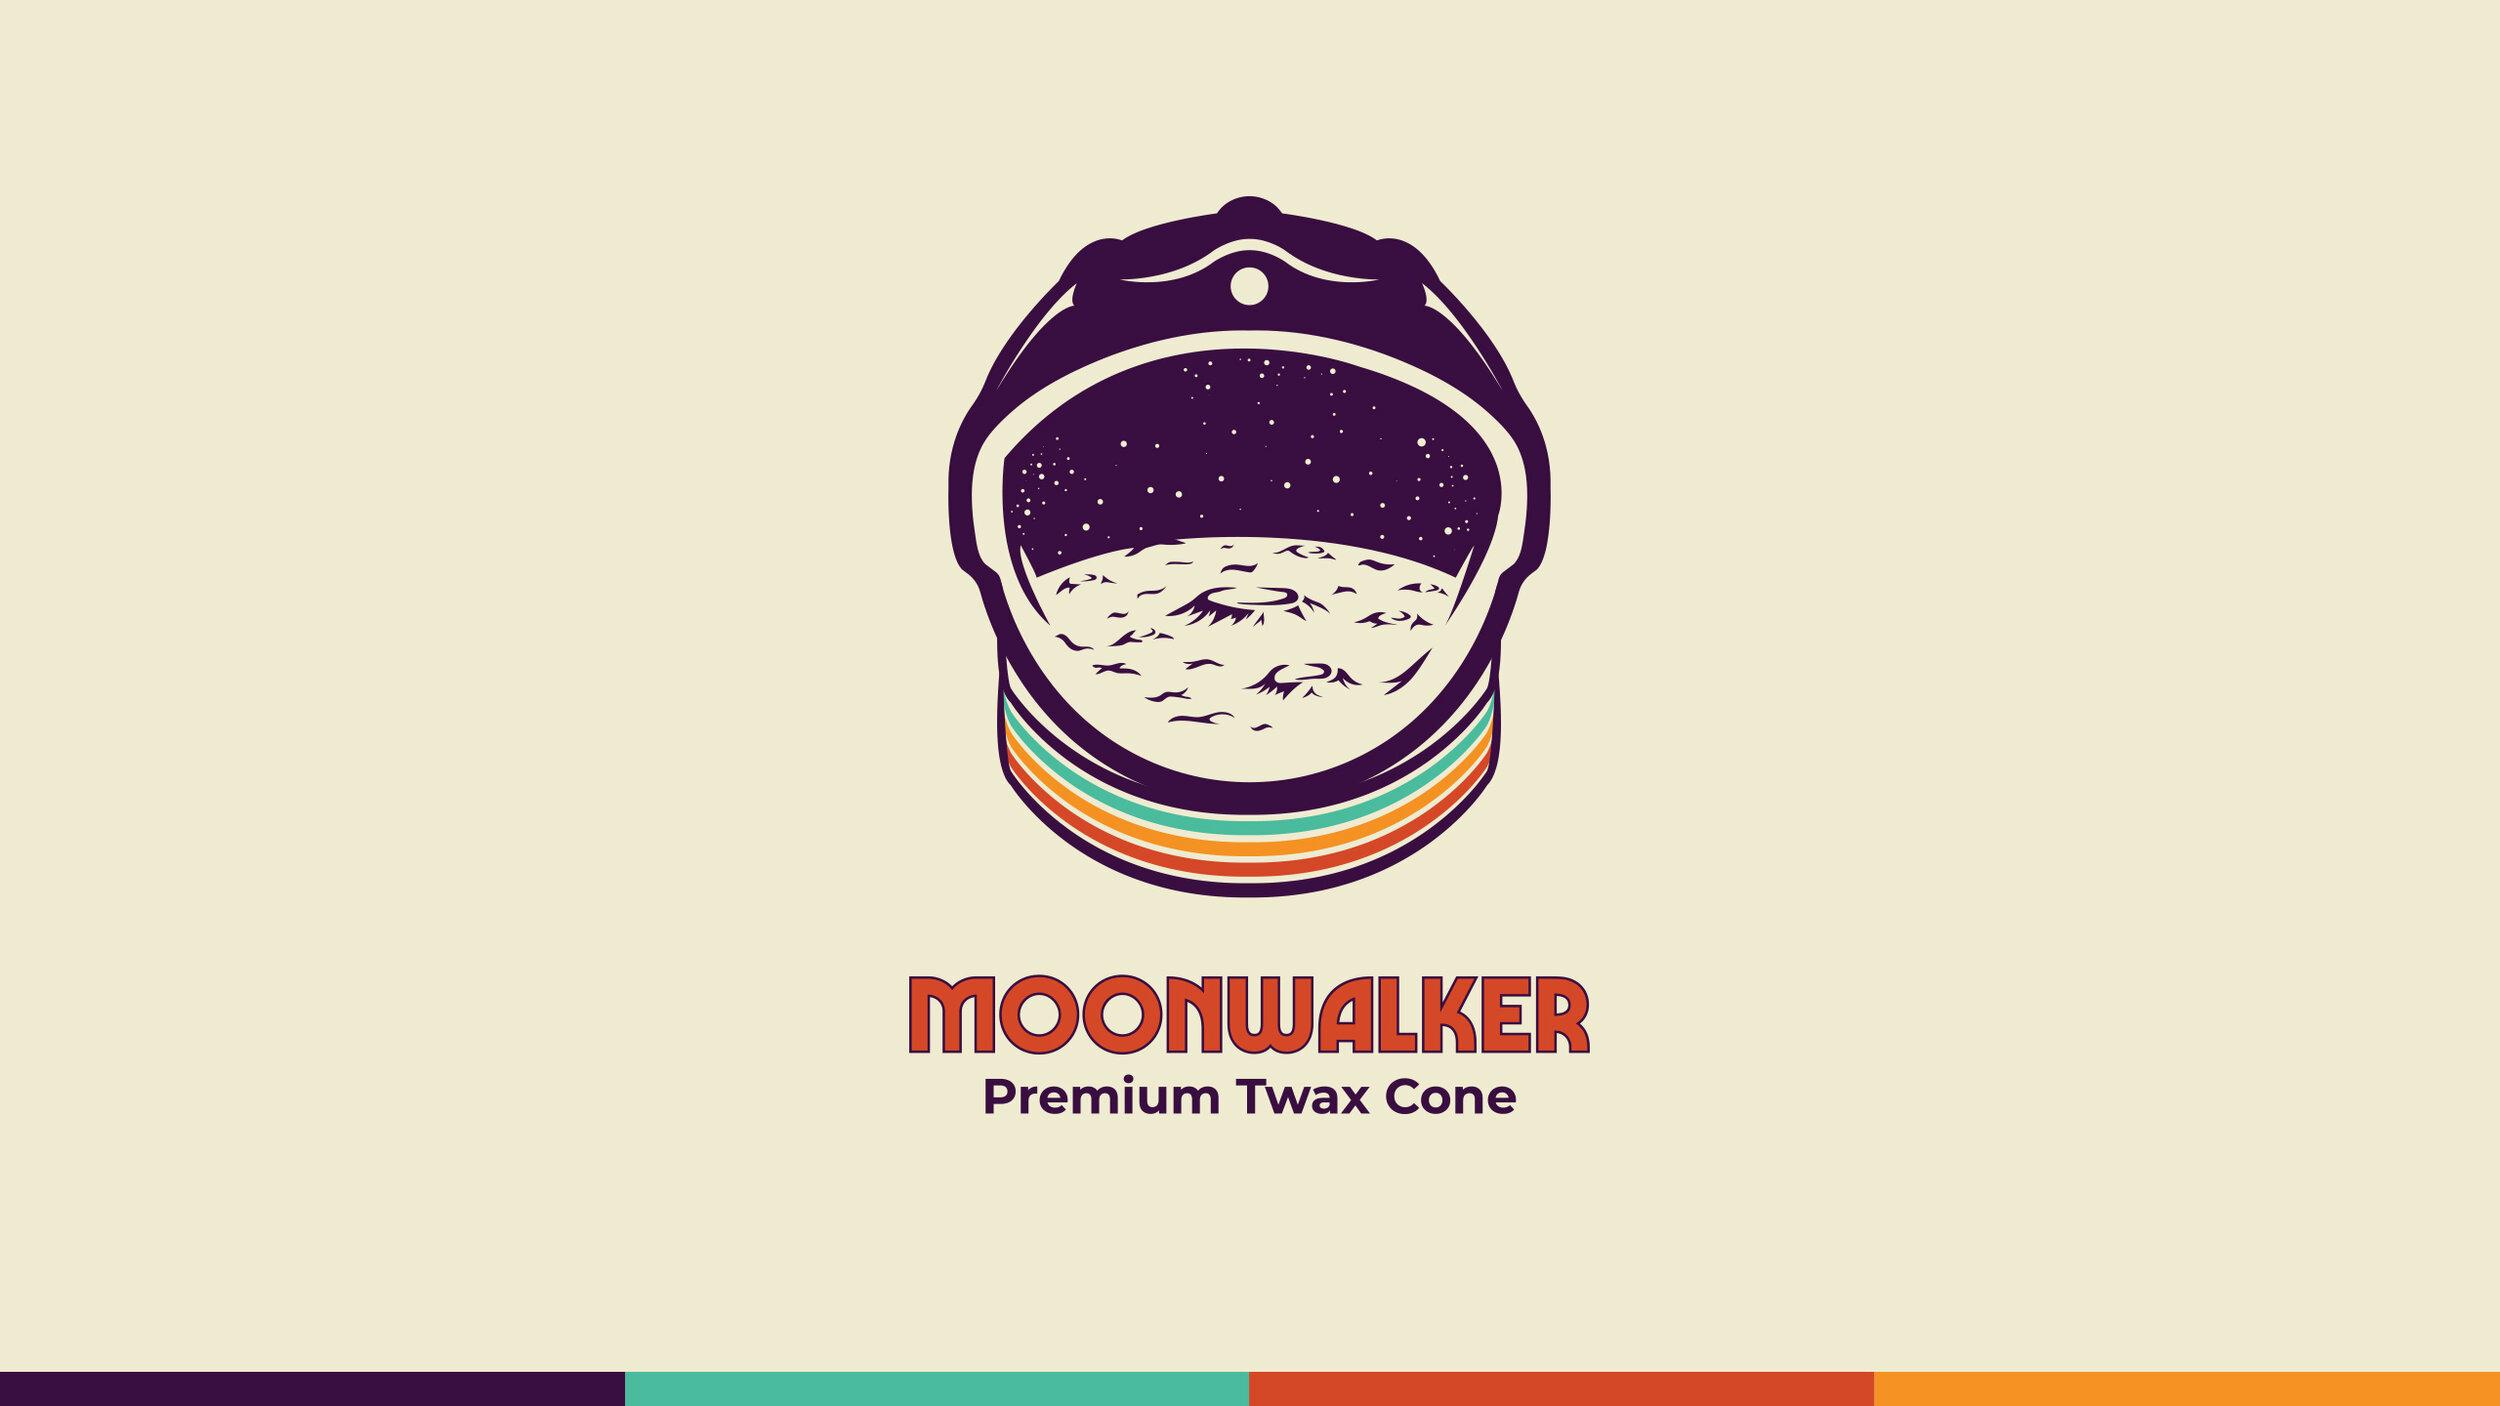 moonwalker-logo-alt.jpg